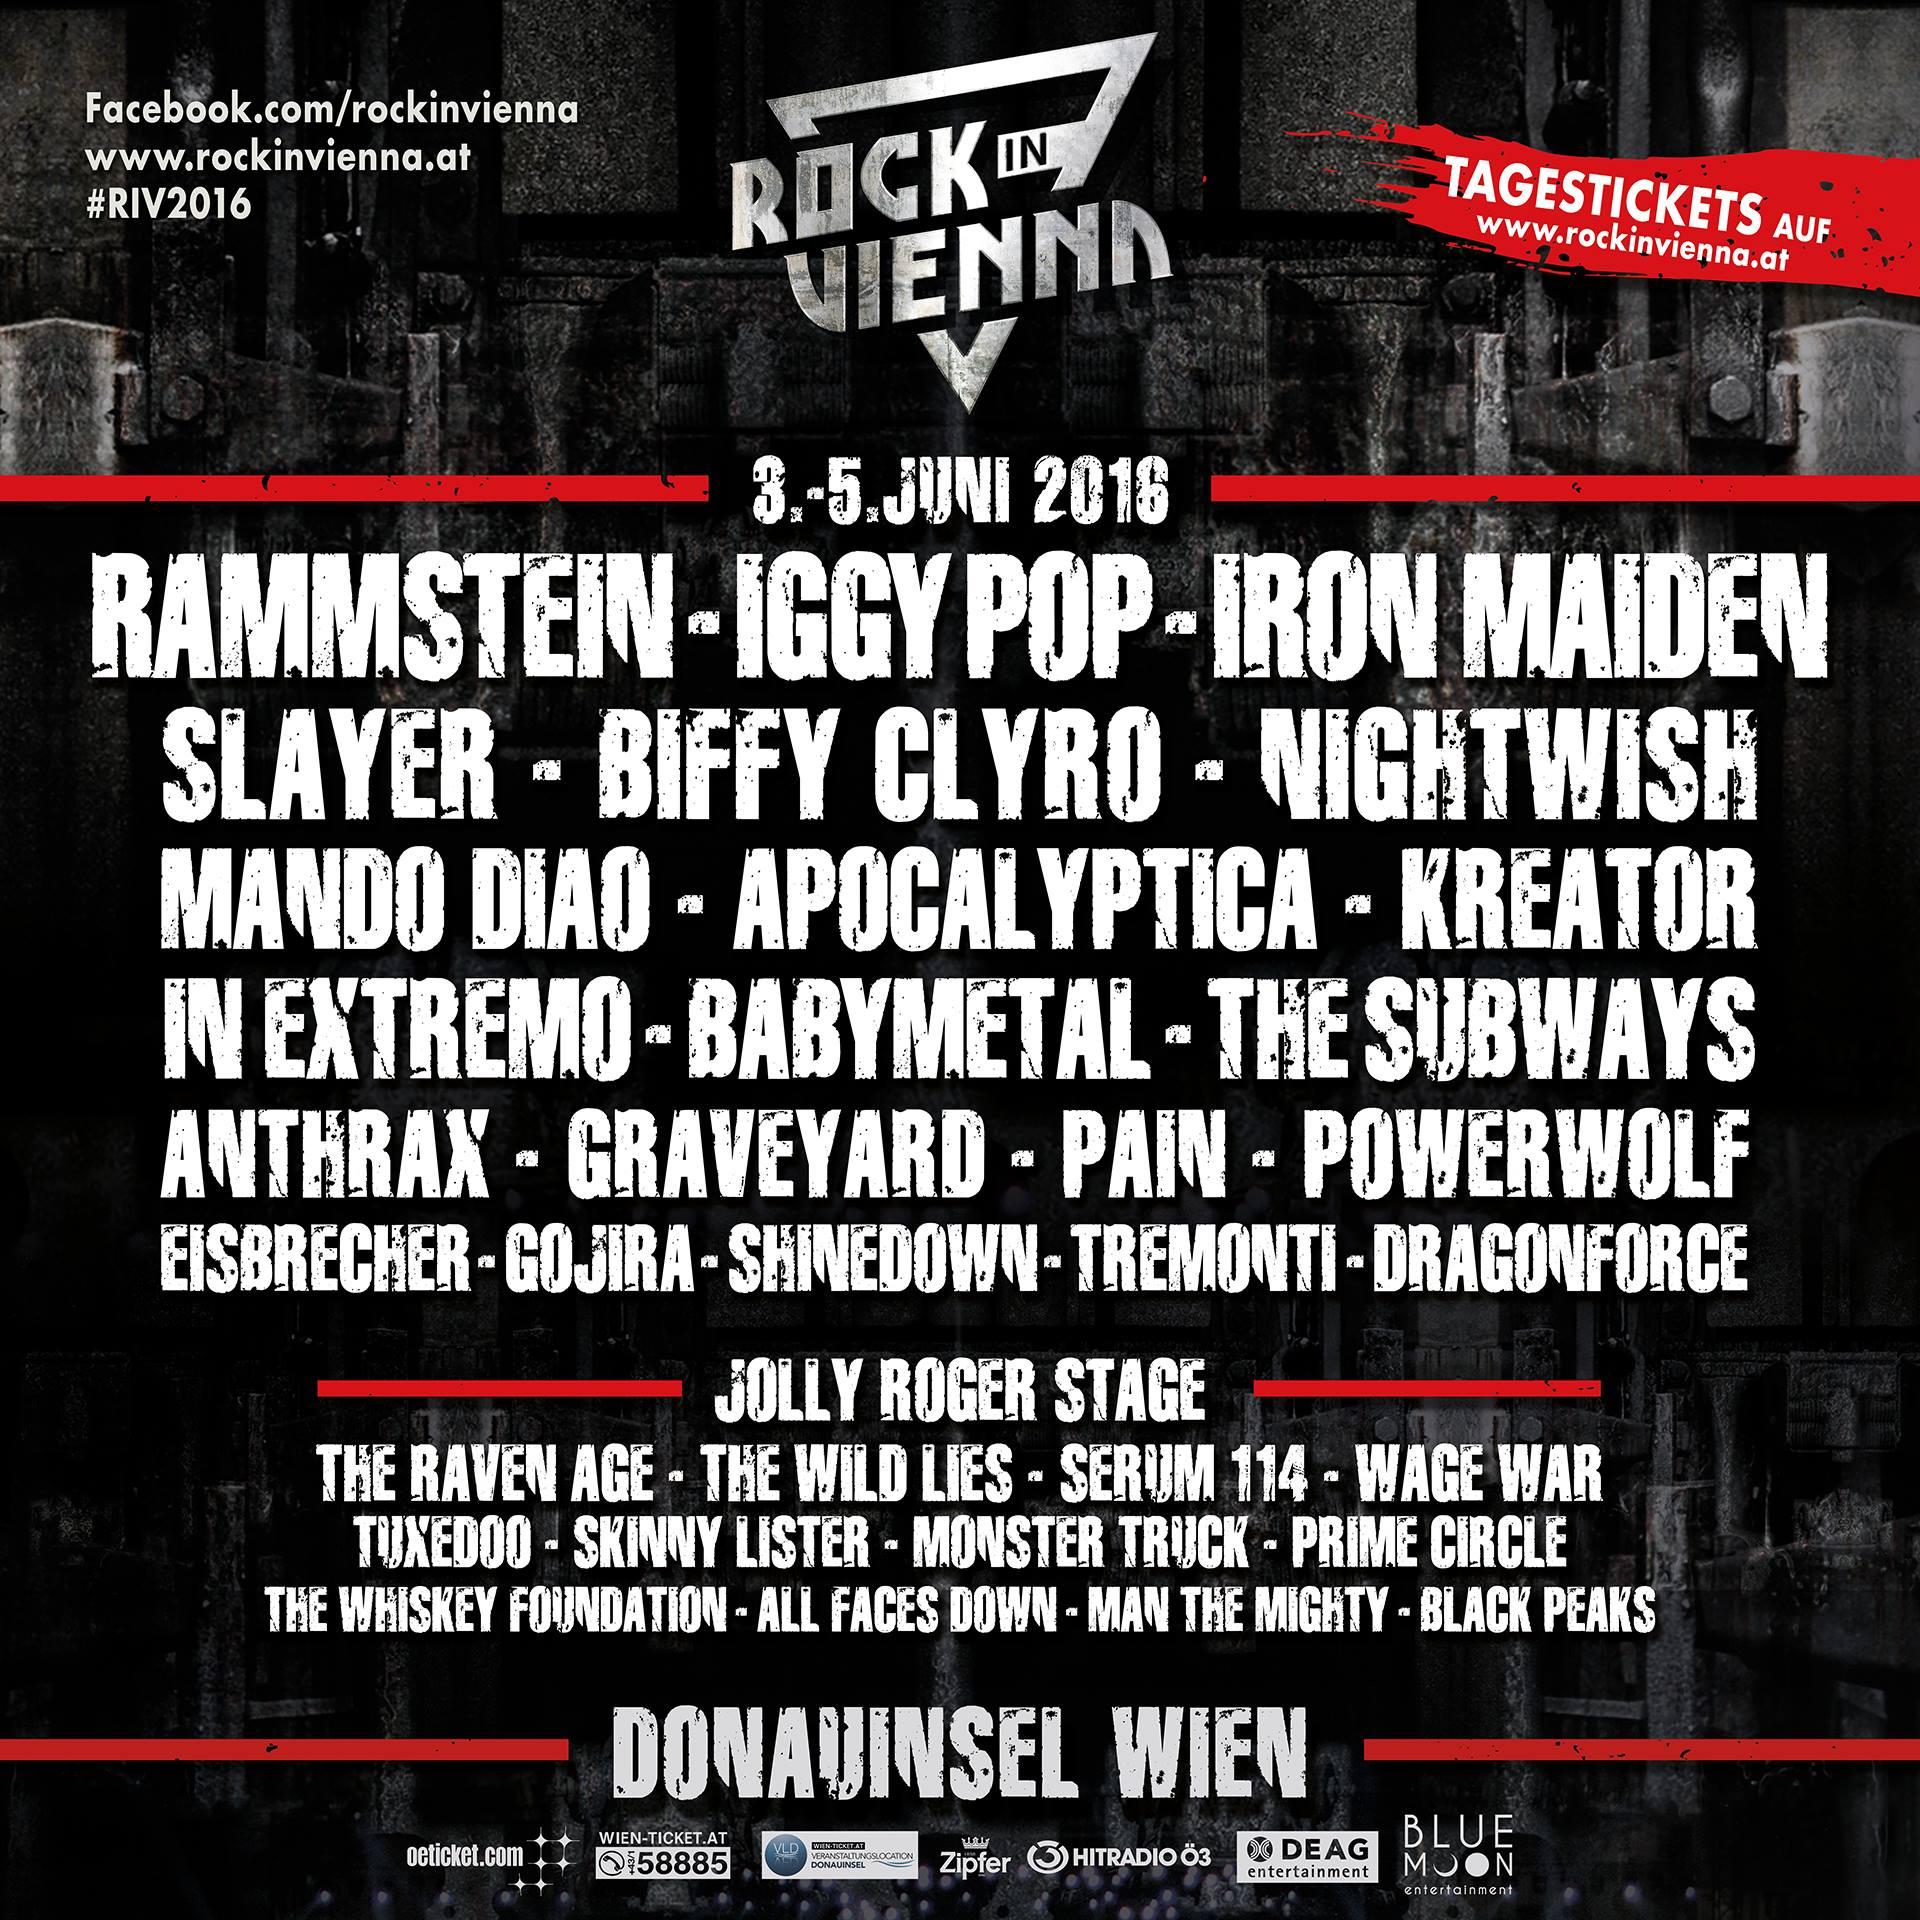 Rock in Vienna geht in die zweite Runde – Österreich lässt es im Juni so richtig krachen!